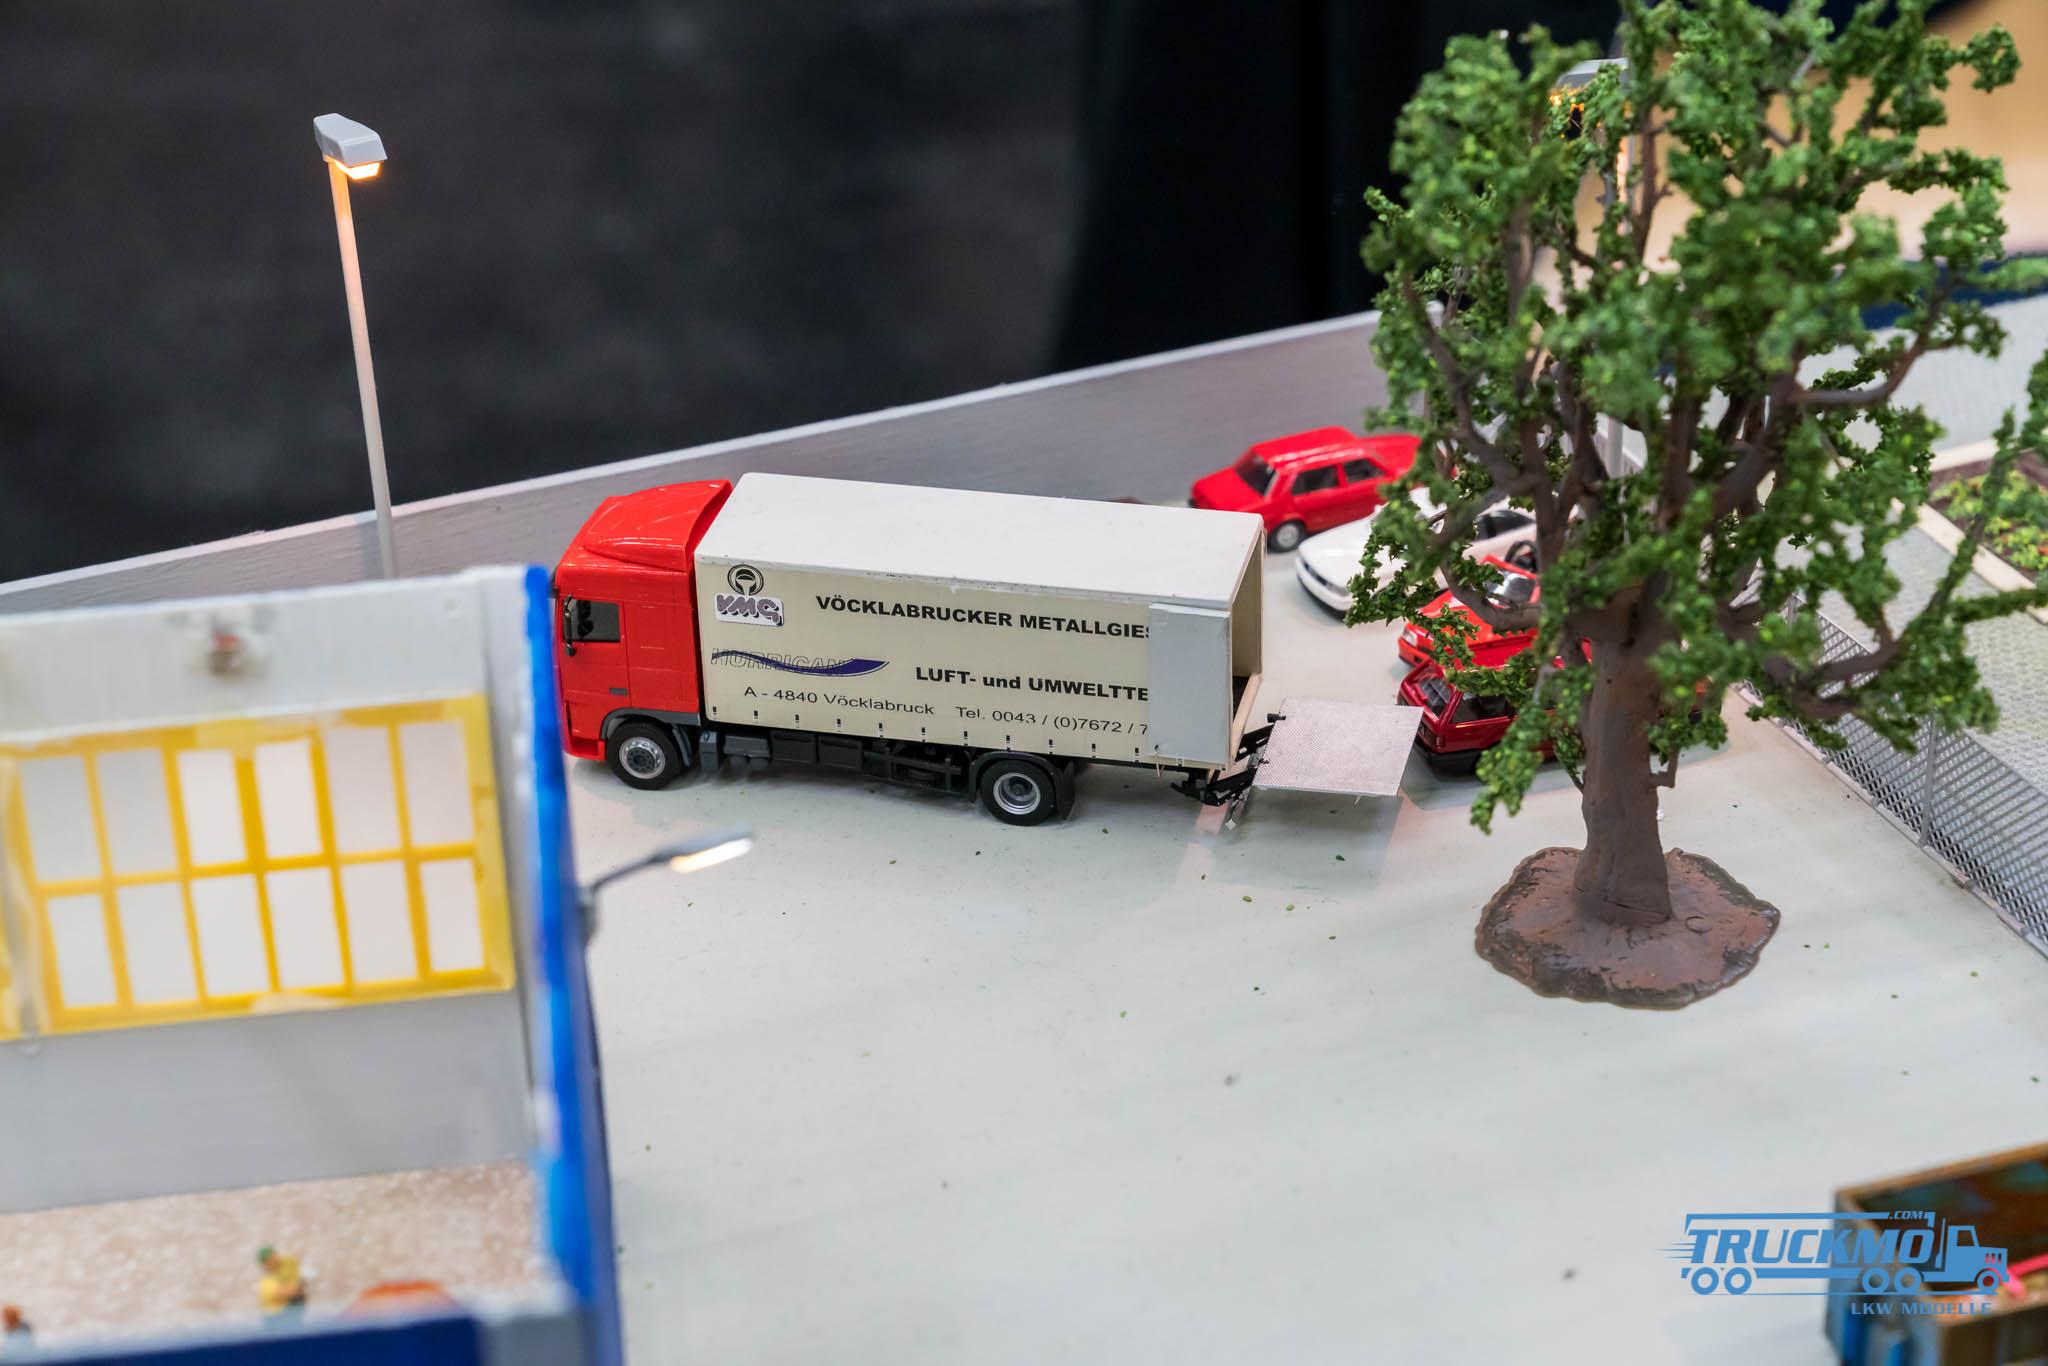 Truckmo_Modellbau_Ried_2017_Herpa_Messe_Modellbauausstellung (270 von 1177)